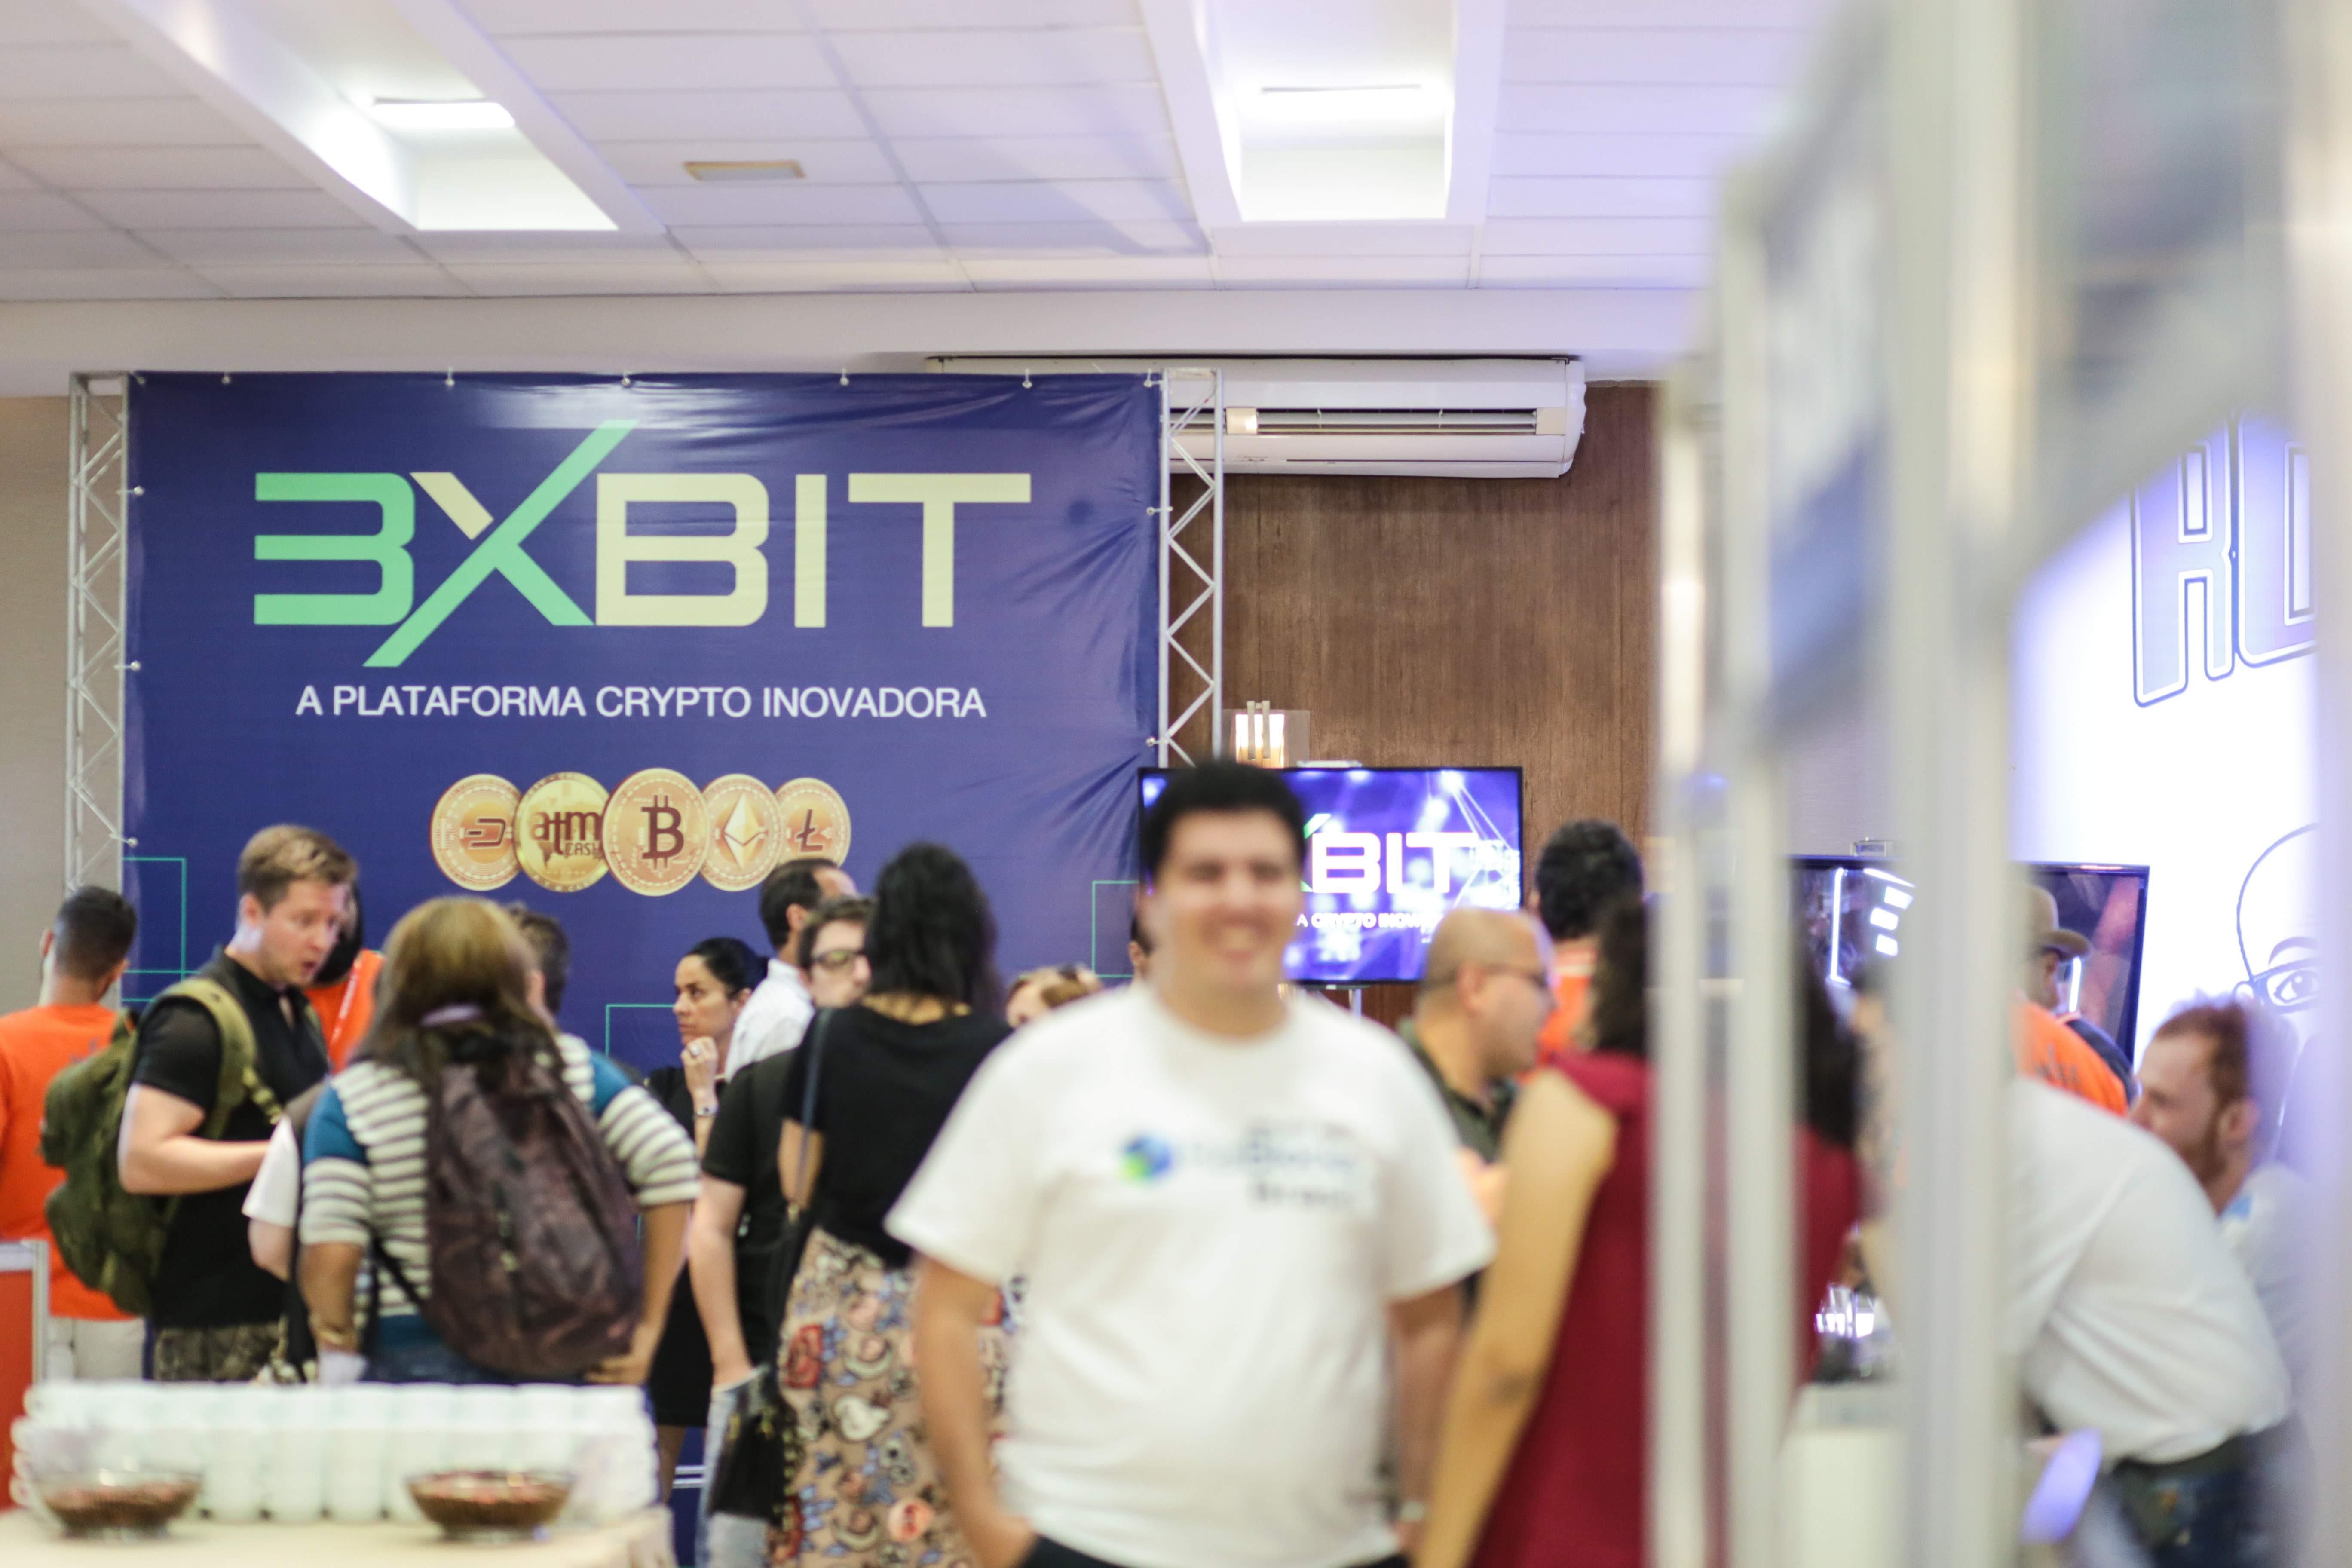 Estande da 3xBit na Bitconf Summer Edition 2018 (Foto: Marília Camelo/Portal do Bitcoin)